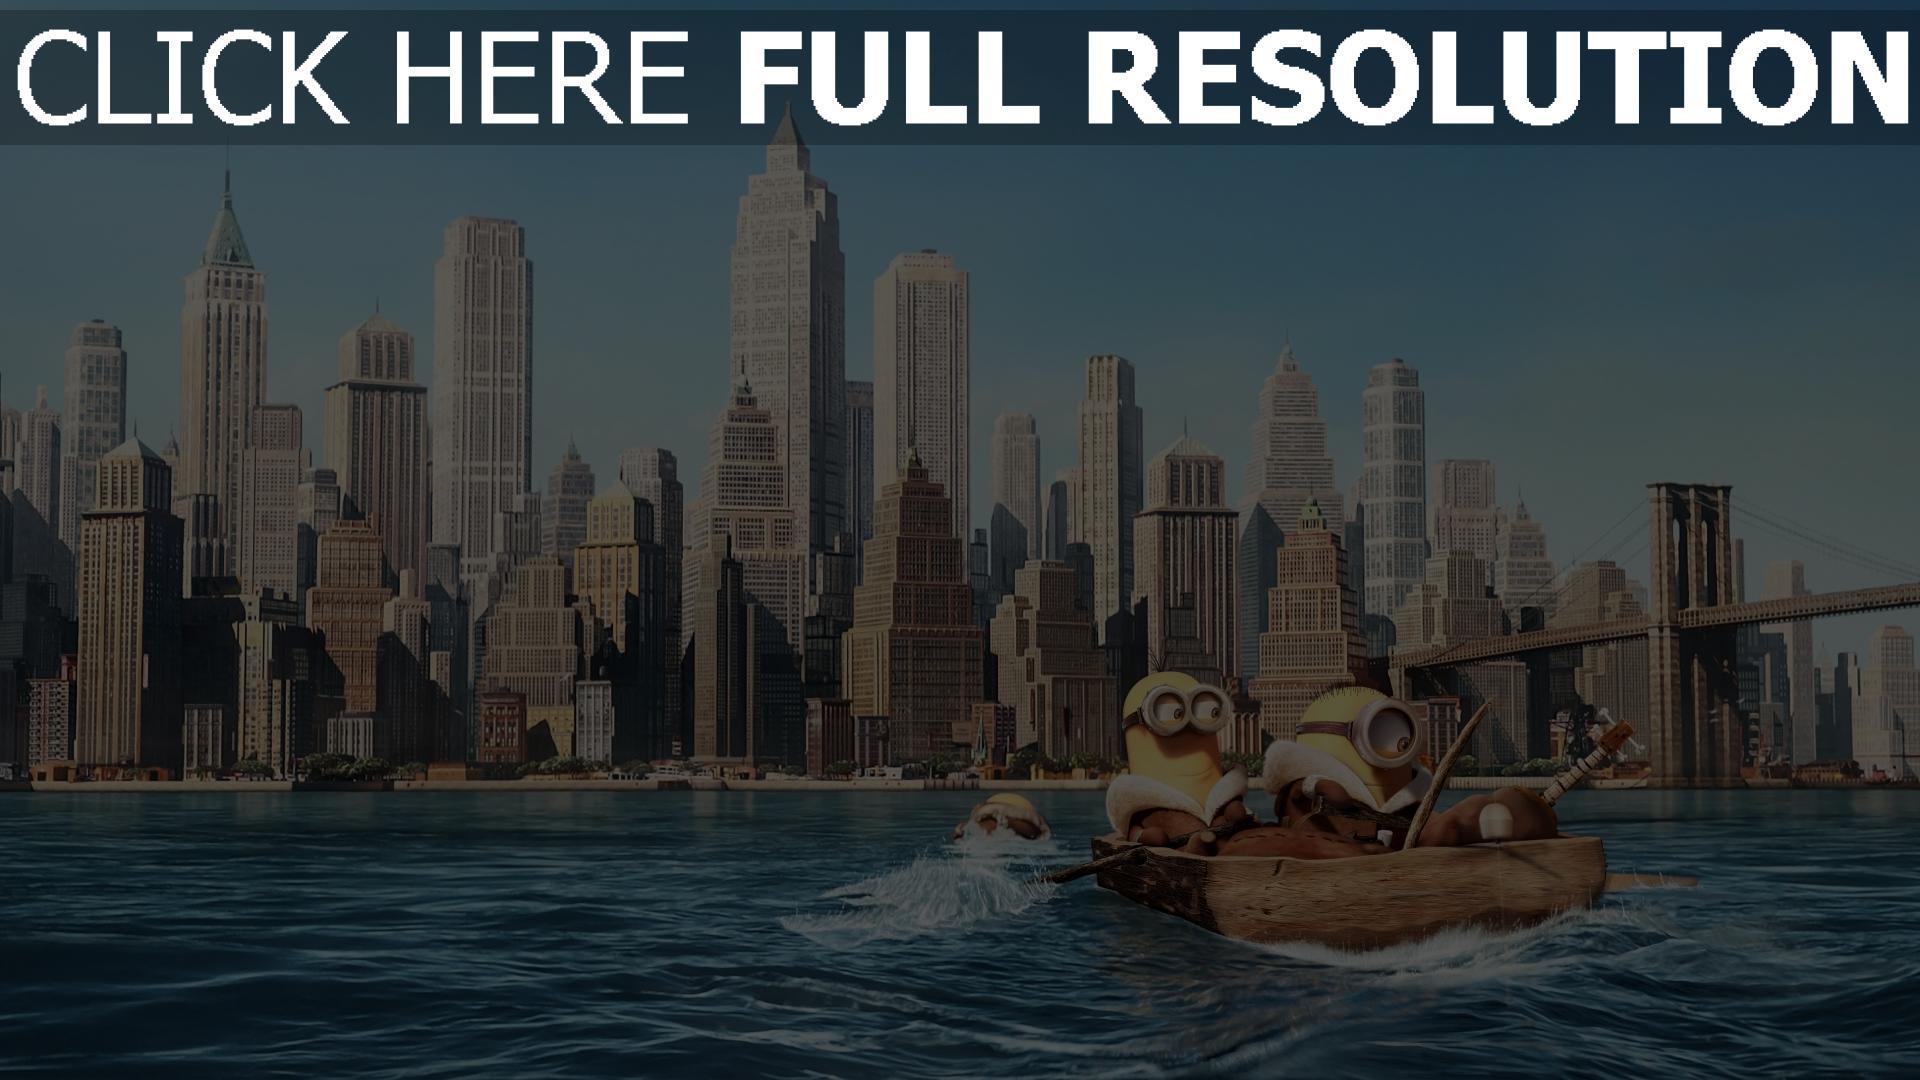 T l charger 1920x1080 full hd fond d 39 cran minions barque for Sfondi new york hd